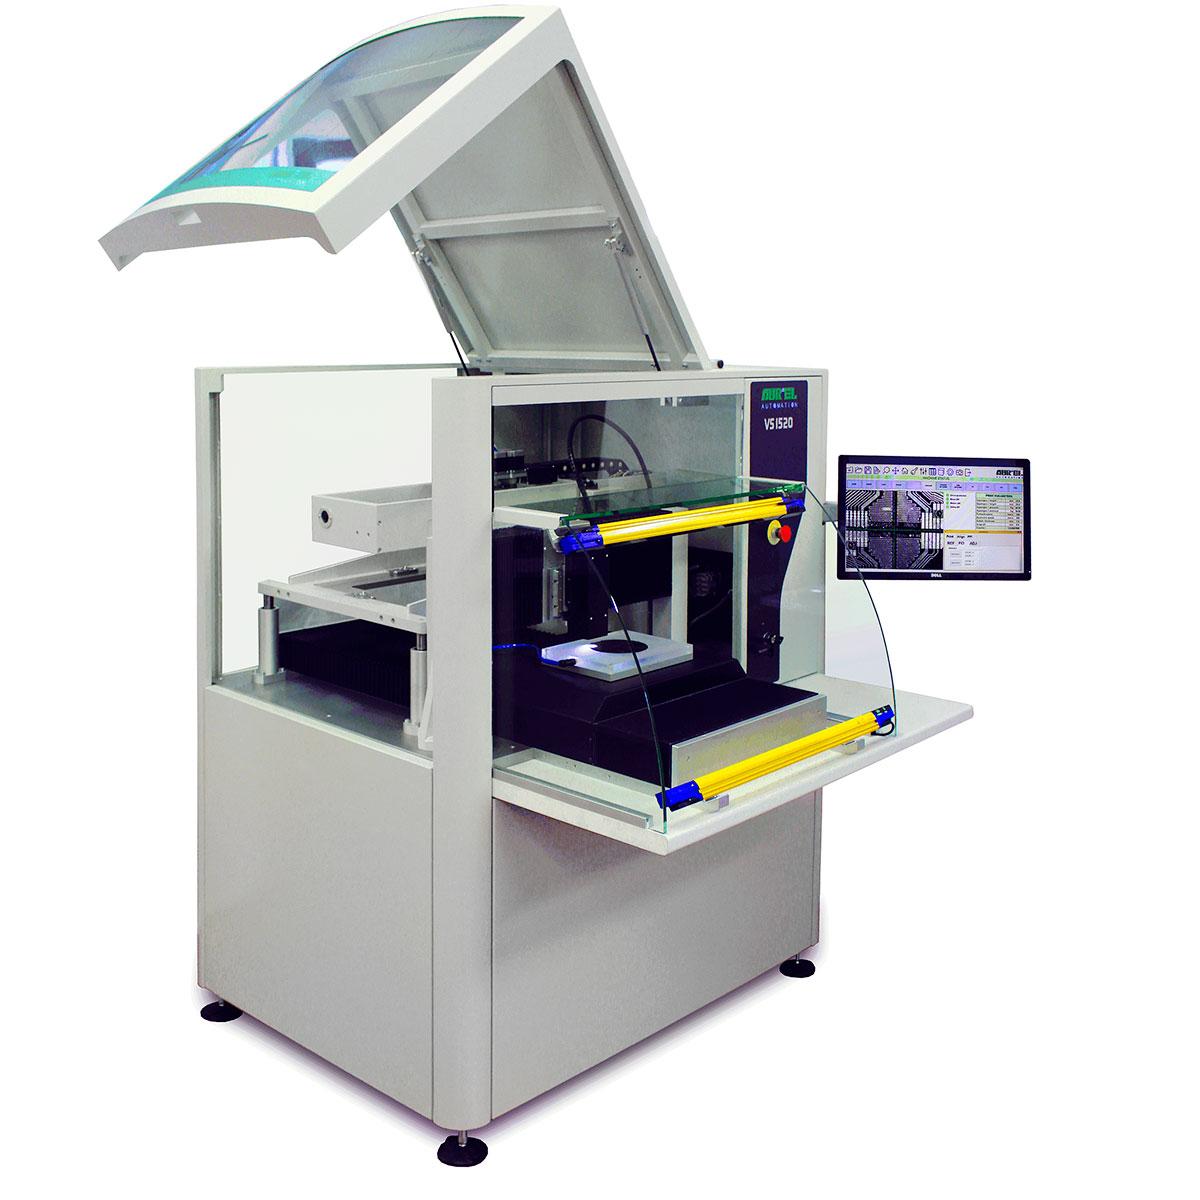 AUREL VS 1520 ꜛ автоматическая установка трафаретной печати